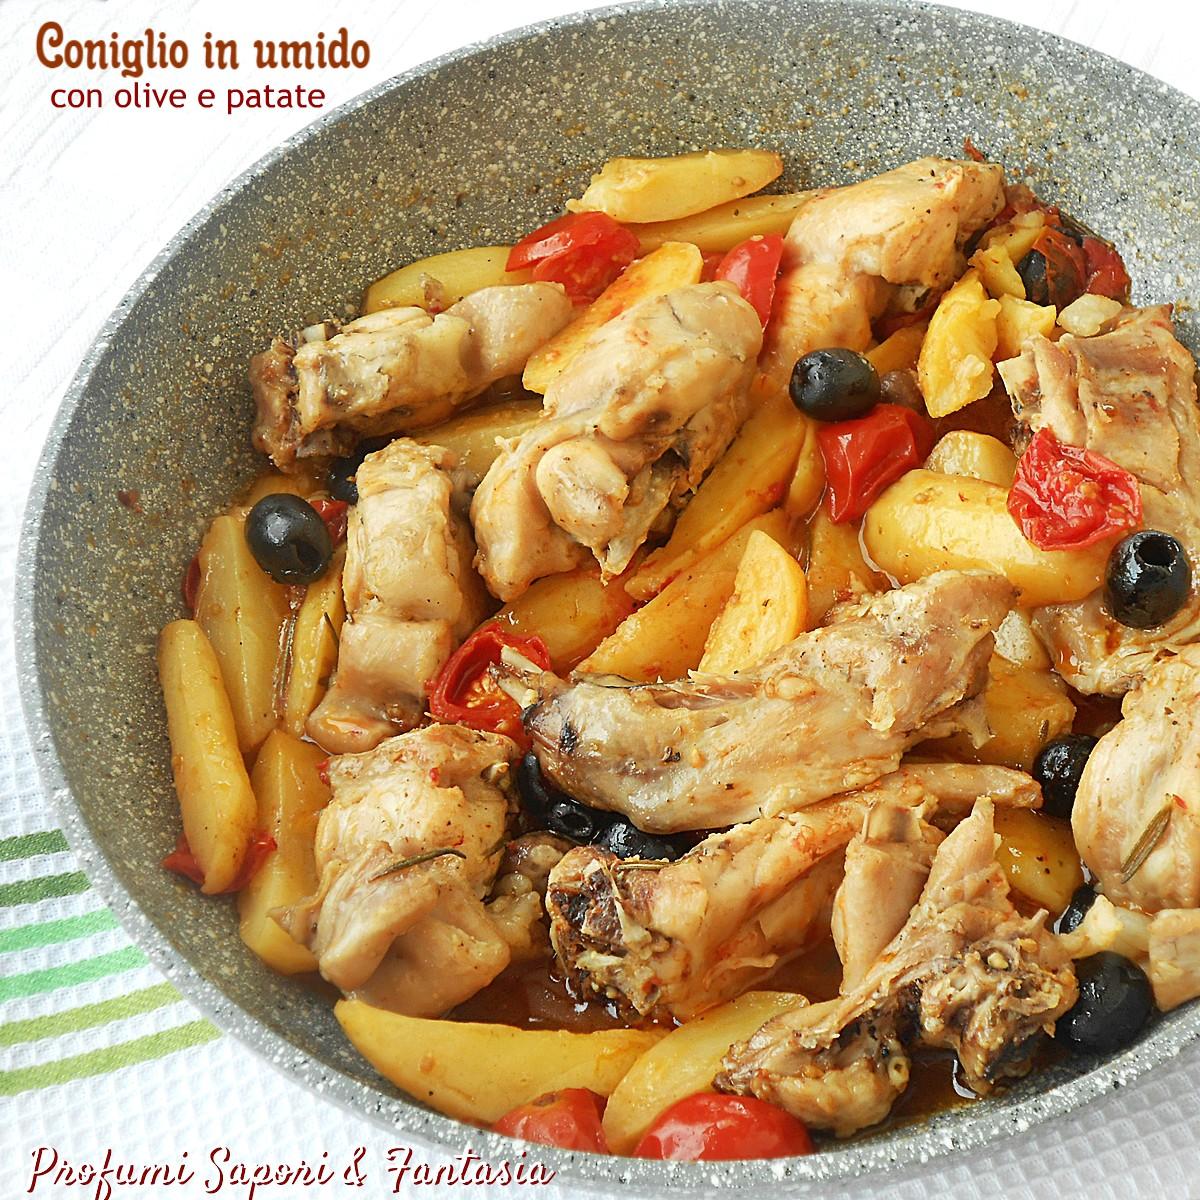 Coniglio in umido con olive e patate